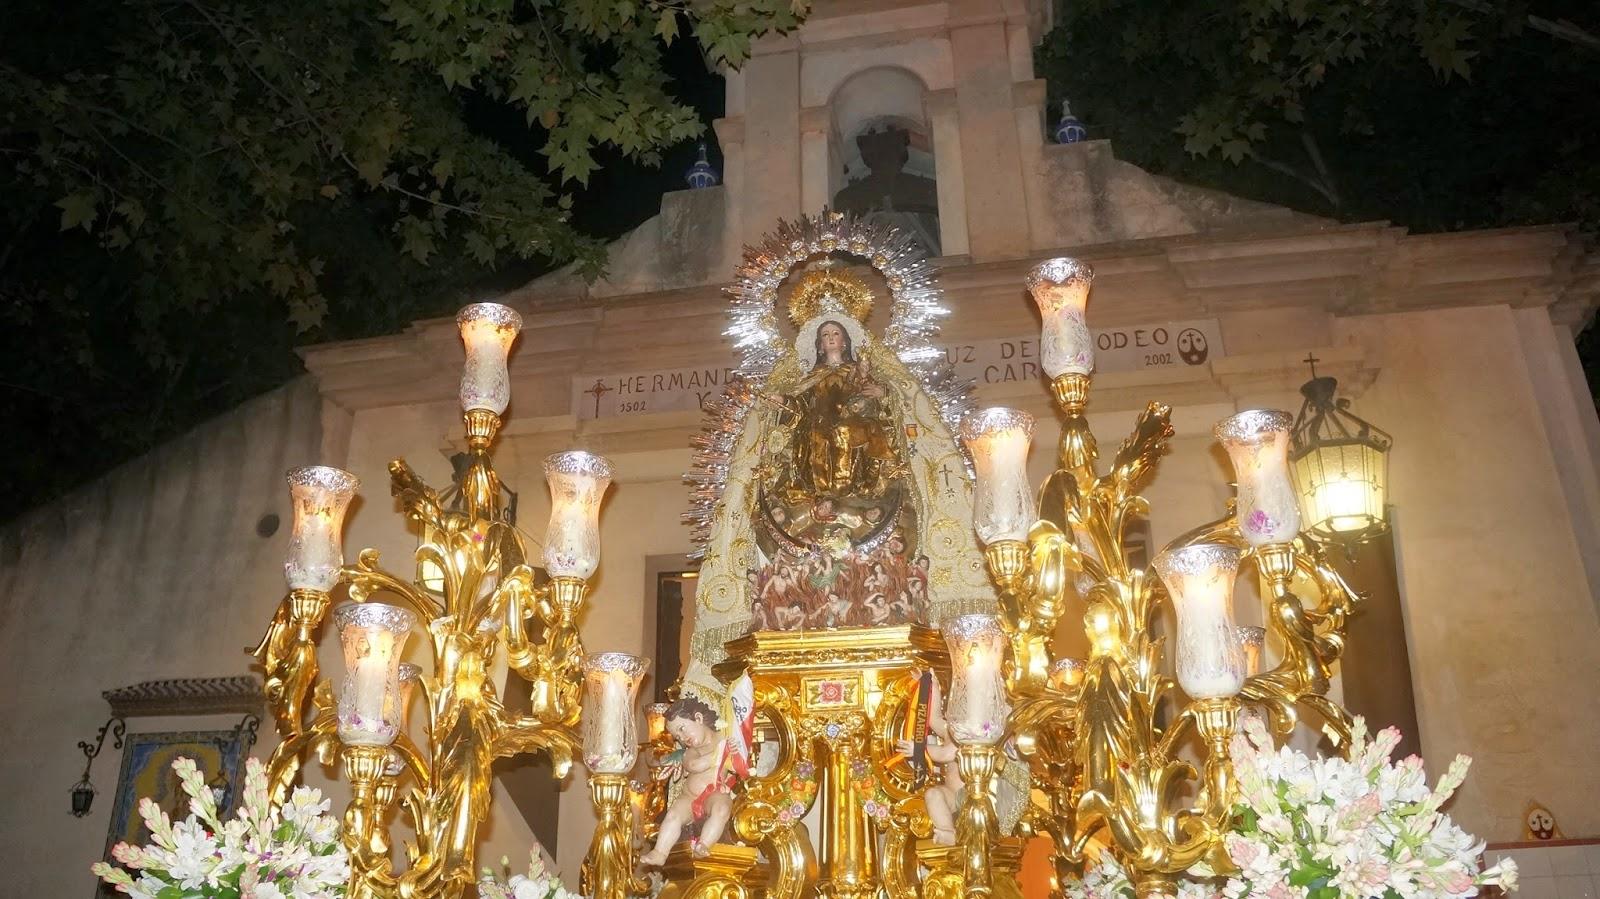 Procesion de la Virgen del Carmen de la Iglesia de la Calle Calatrava